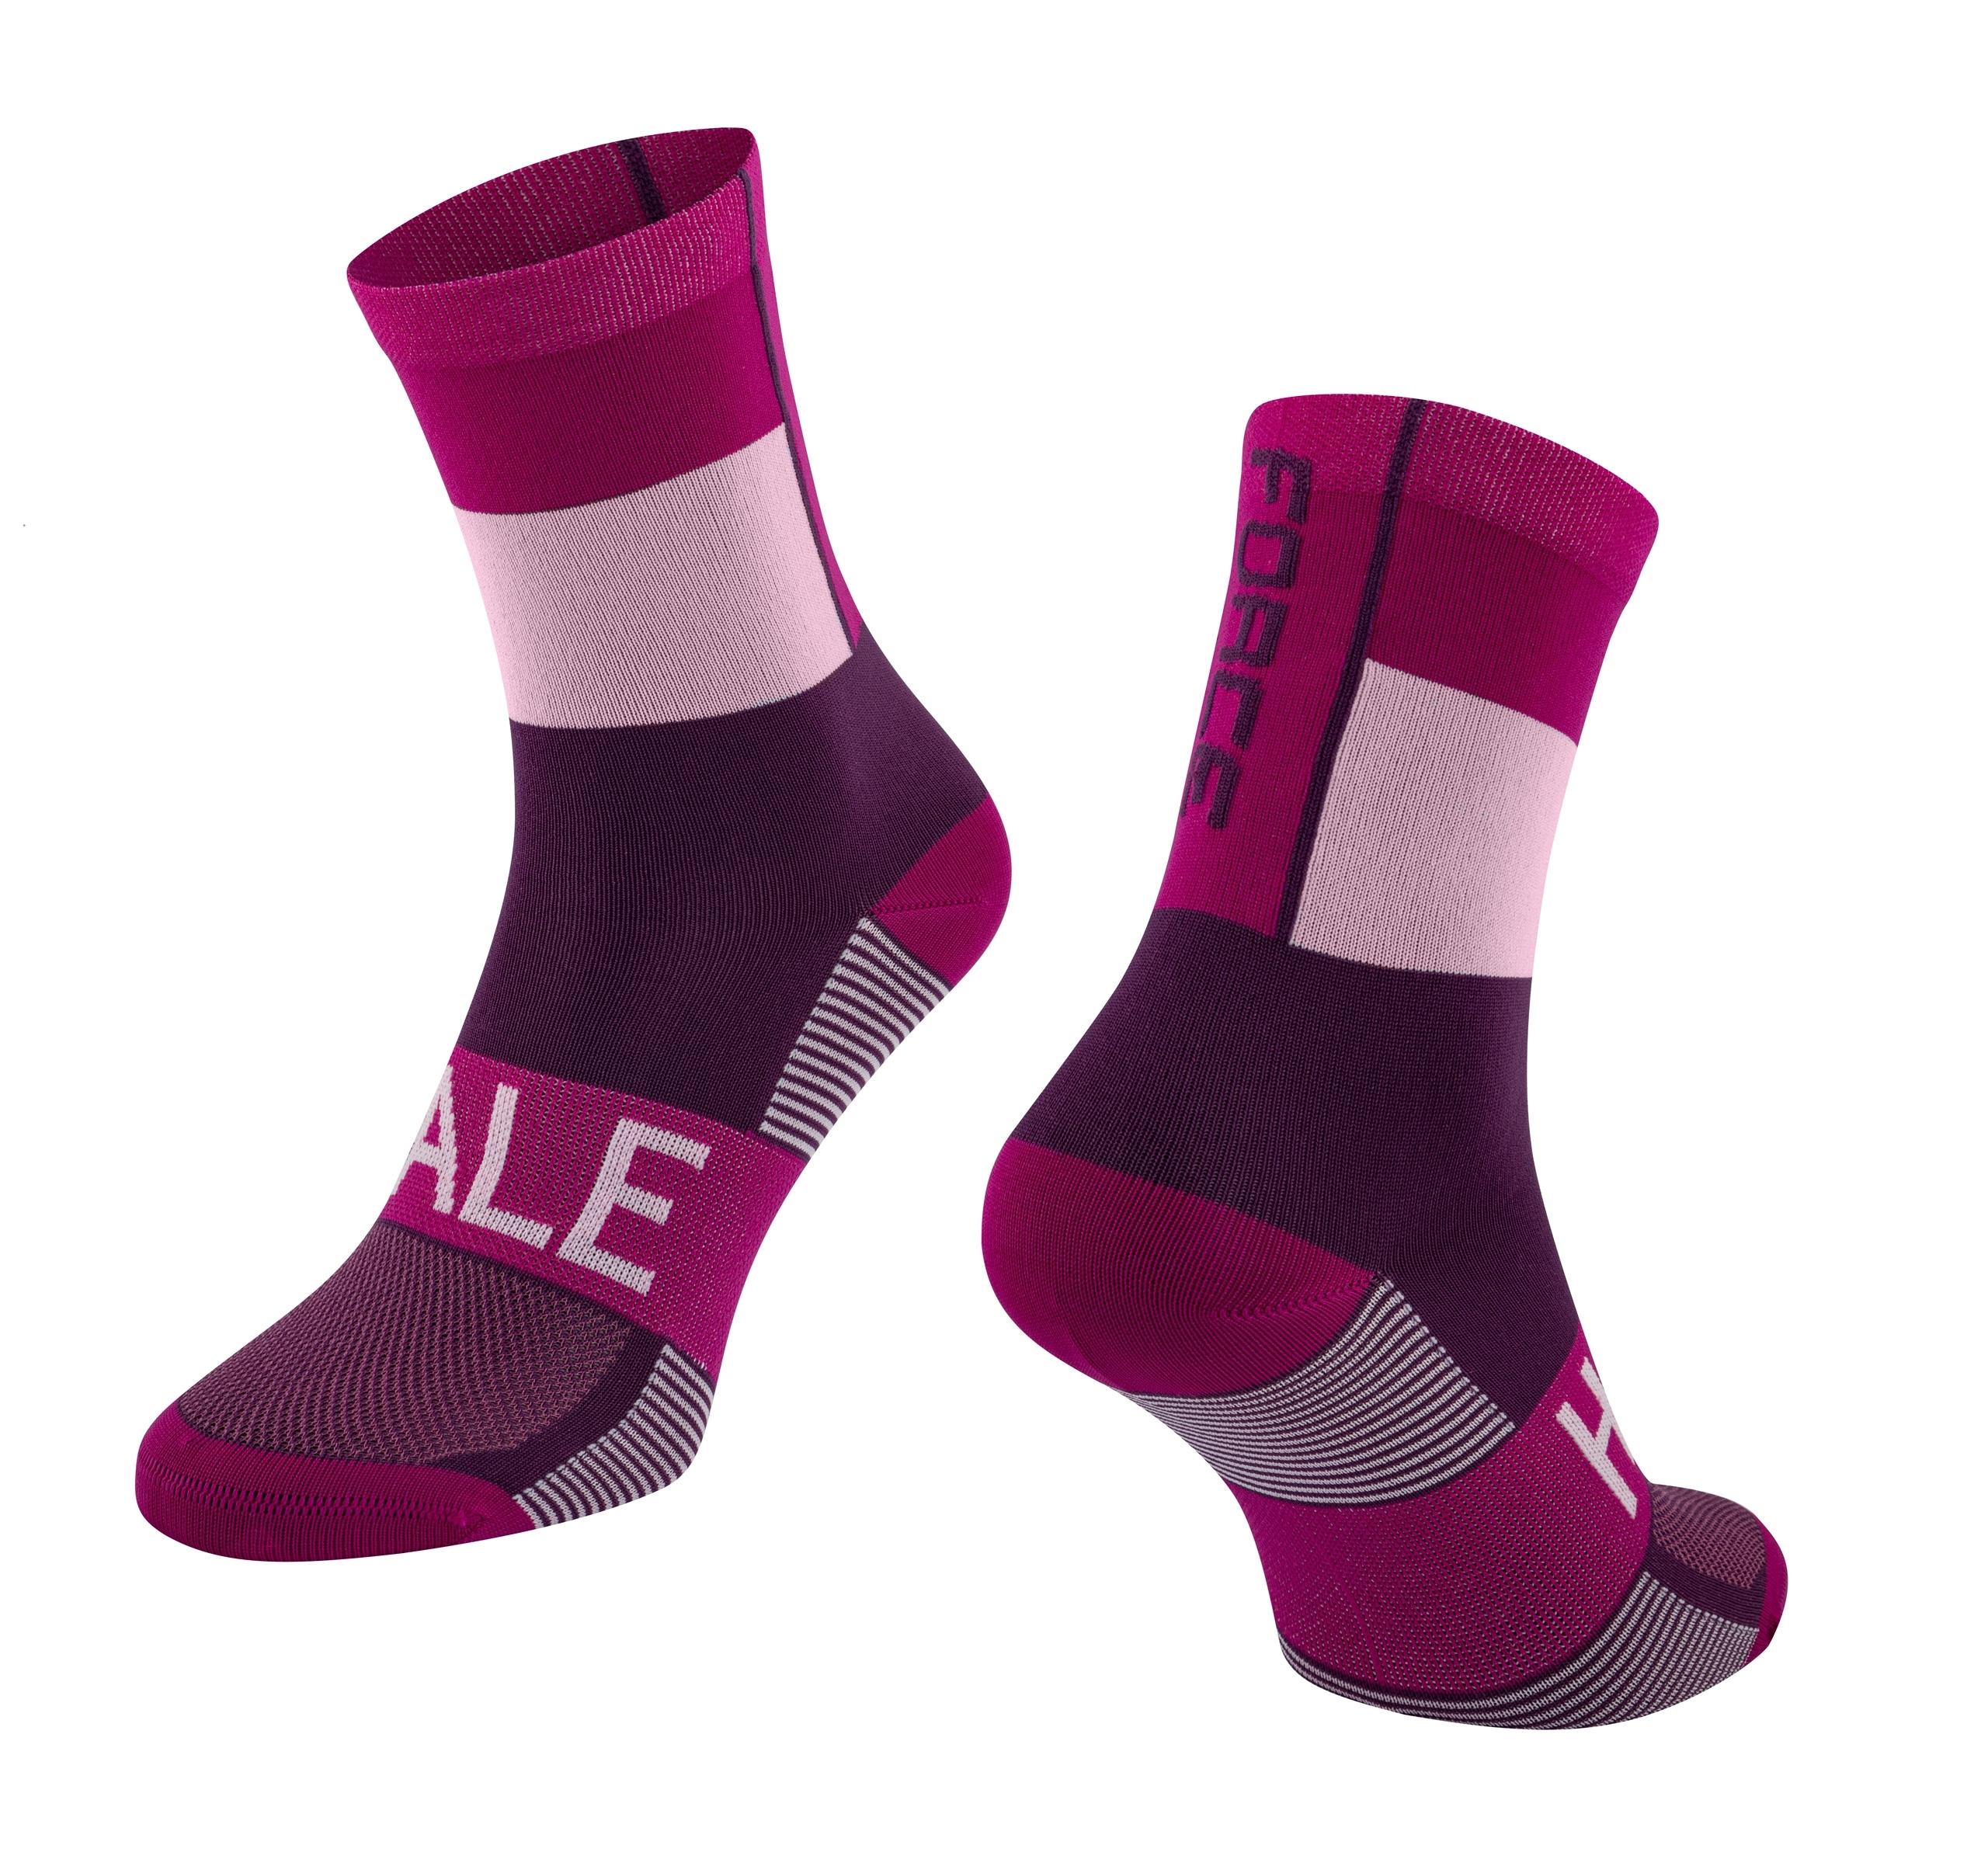 ponožky FORCE HALE, fialové S-M/36-41